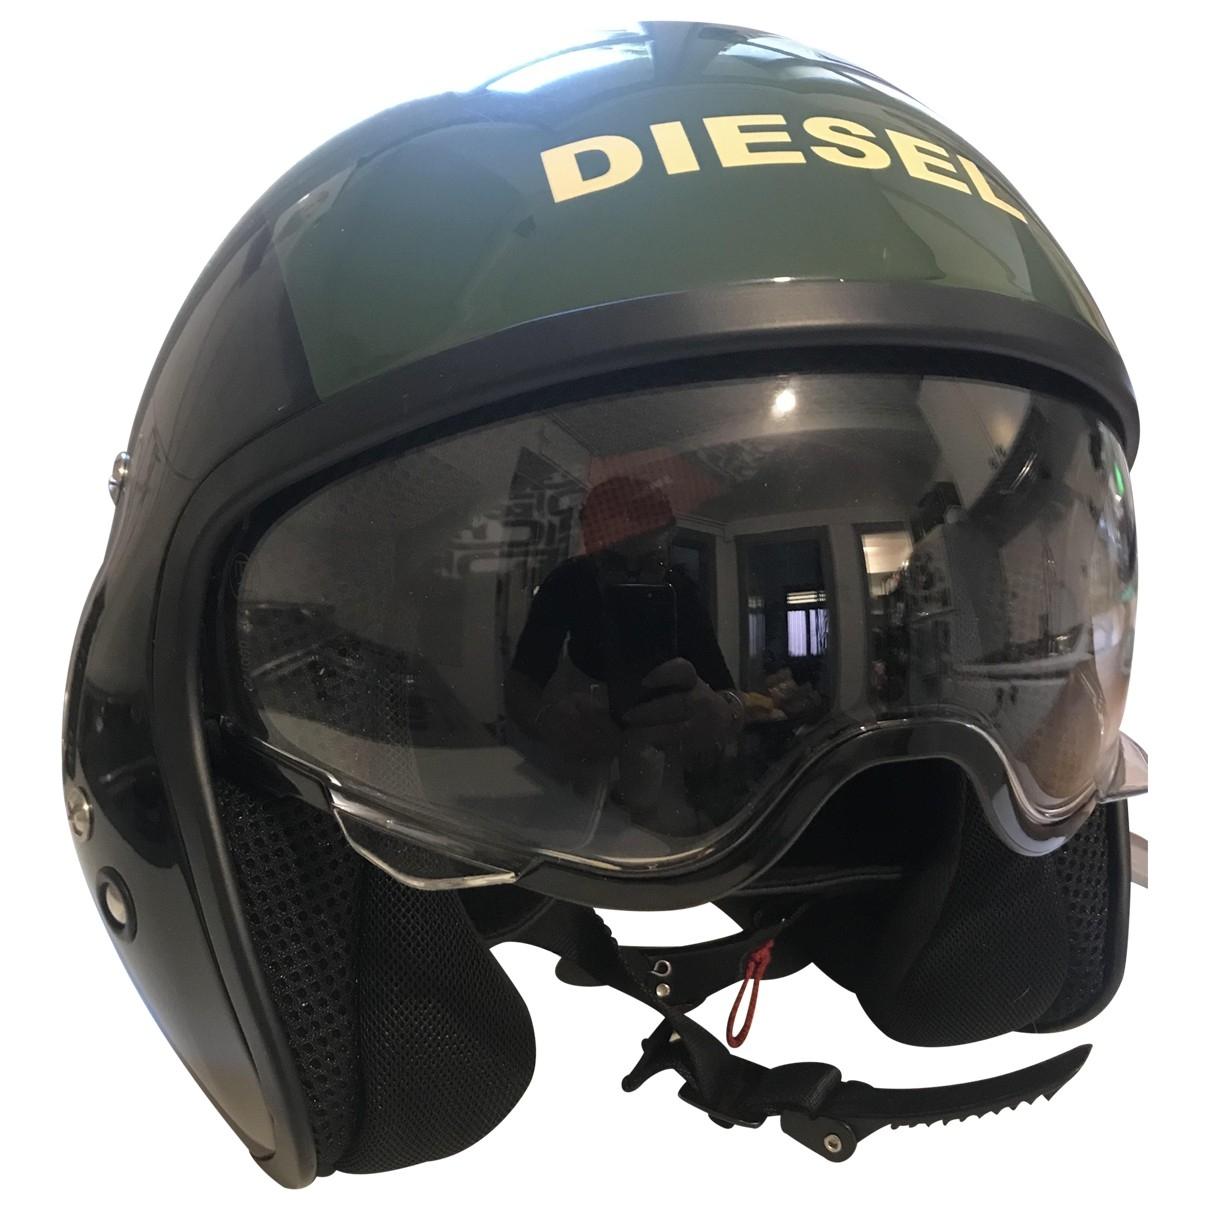 Diesel - Velo   pour lifestyle en autre - vert